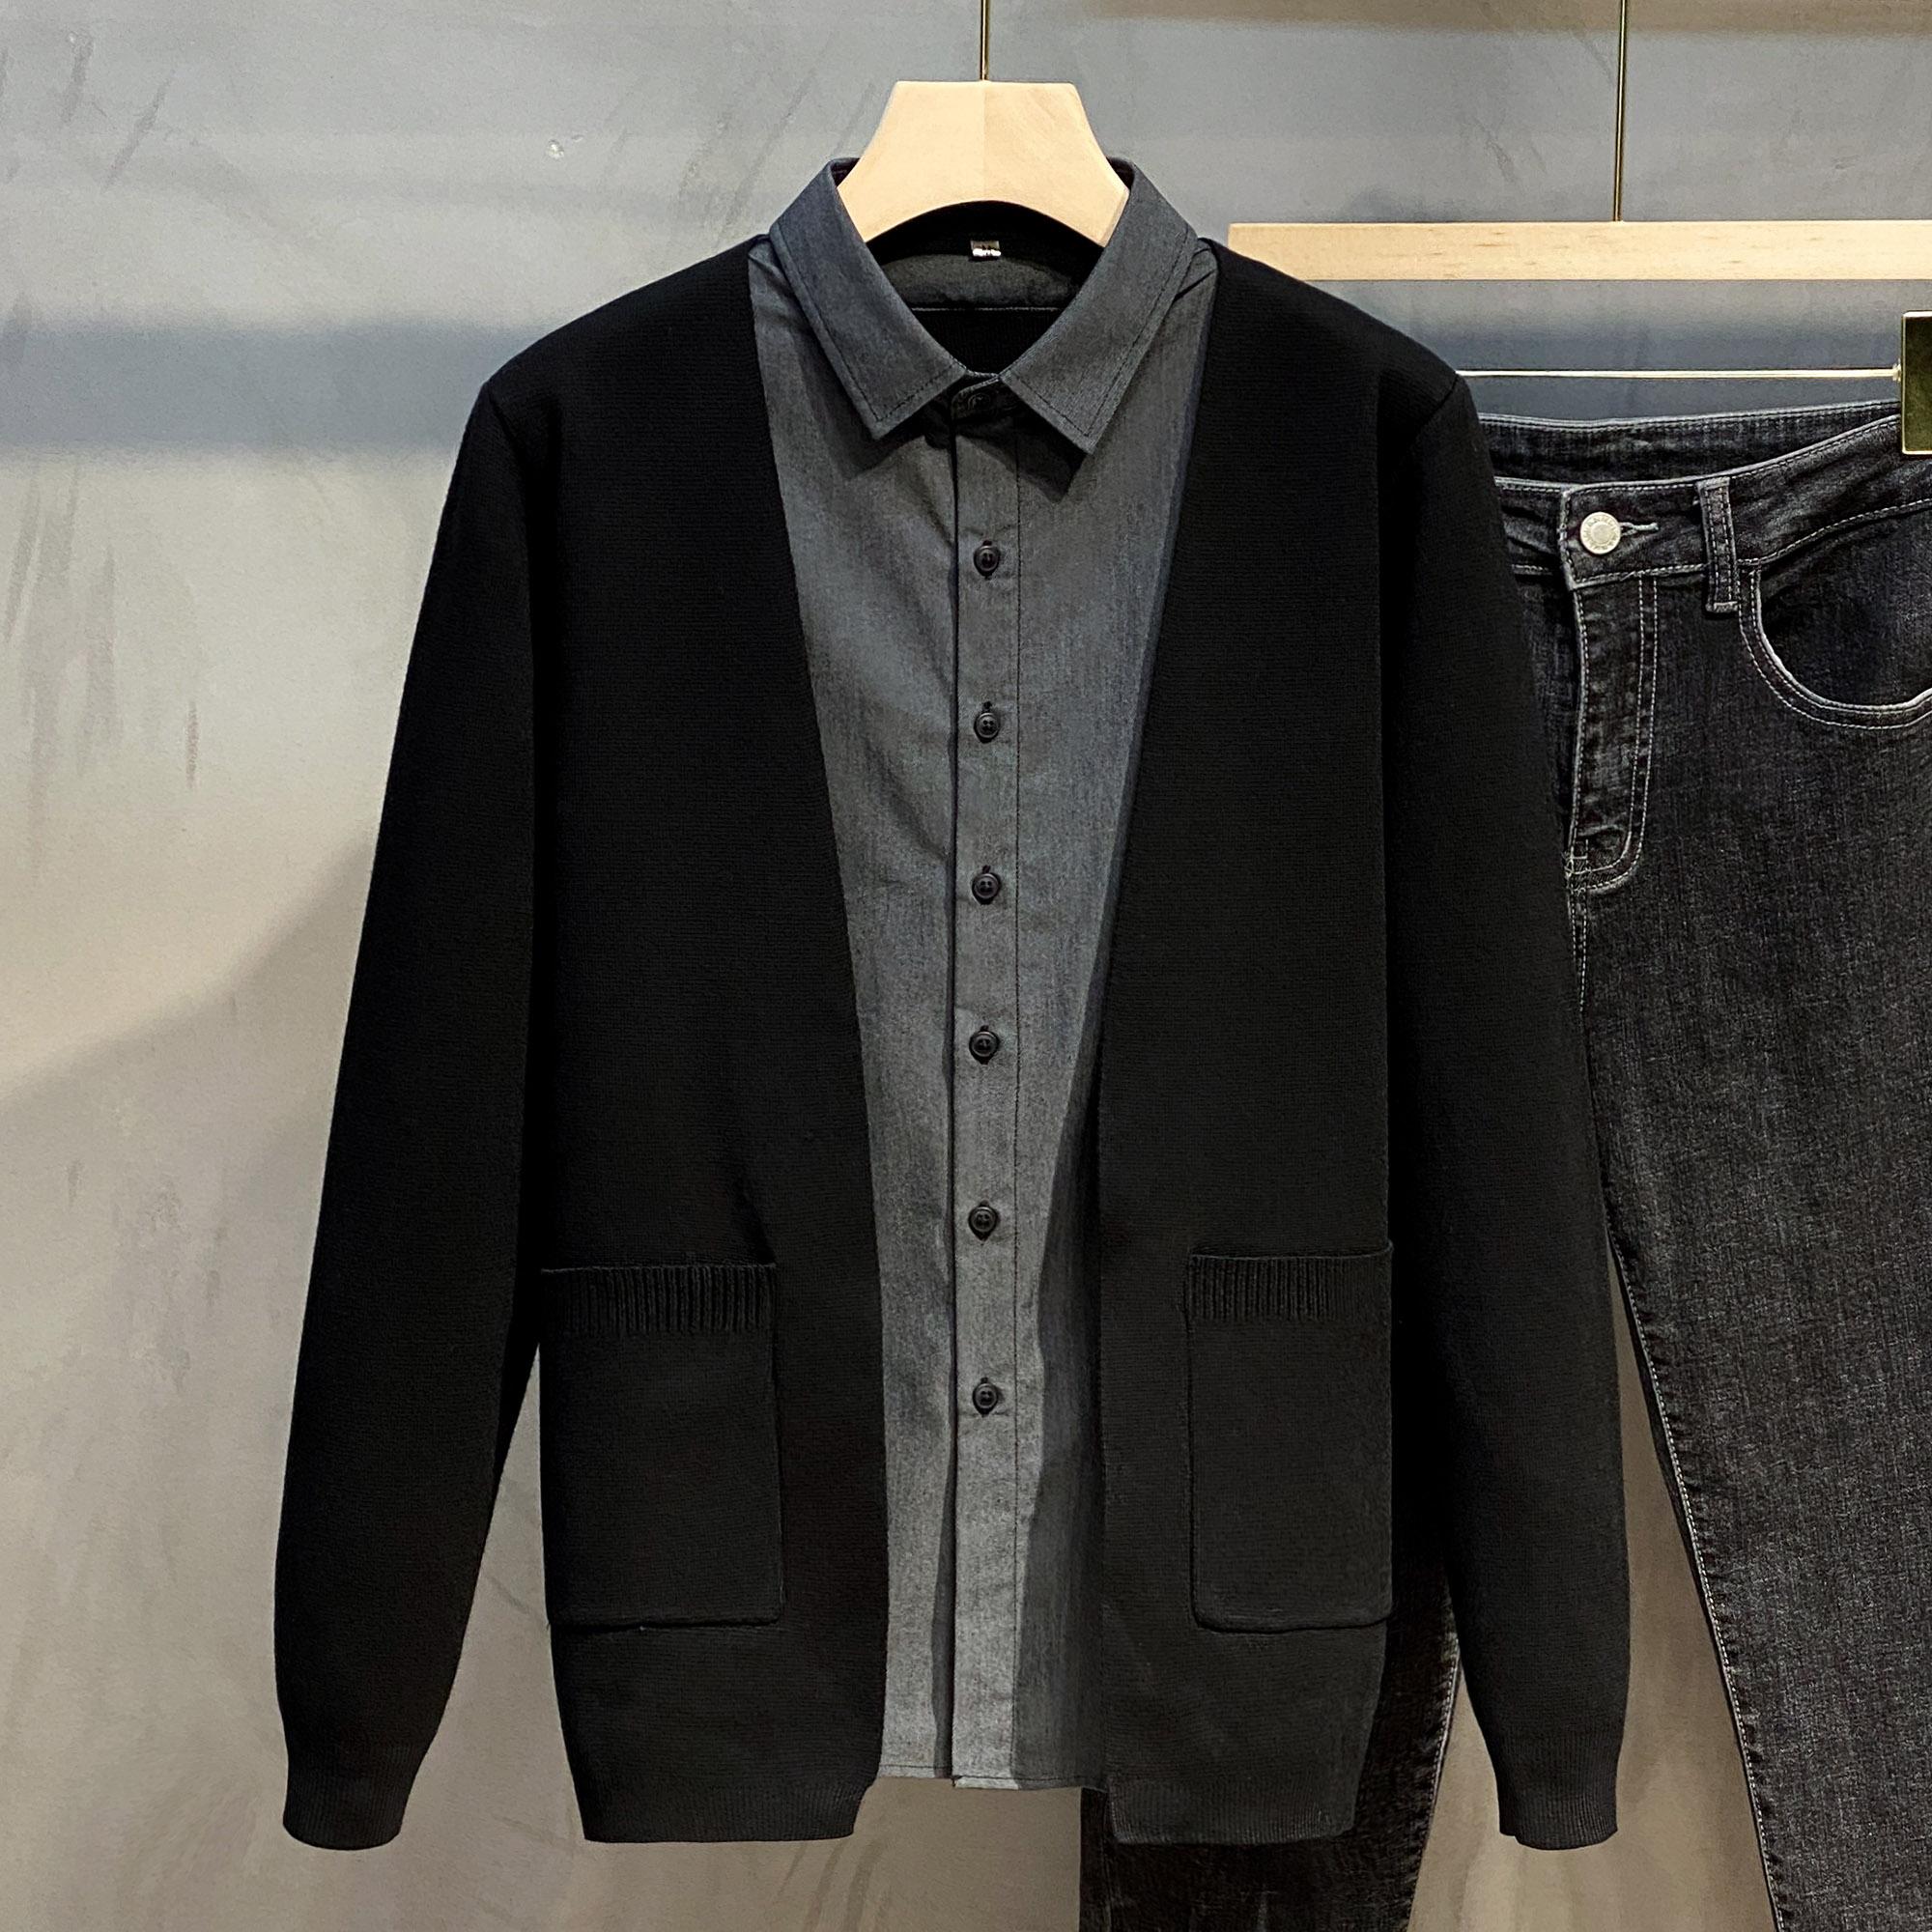 2021年春装男士假两件 针织开衫时尚百搭衬衫领外套男黑色毛衣潮